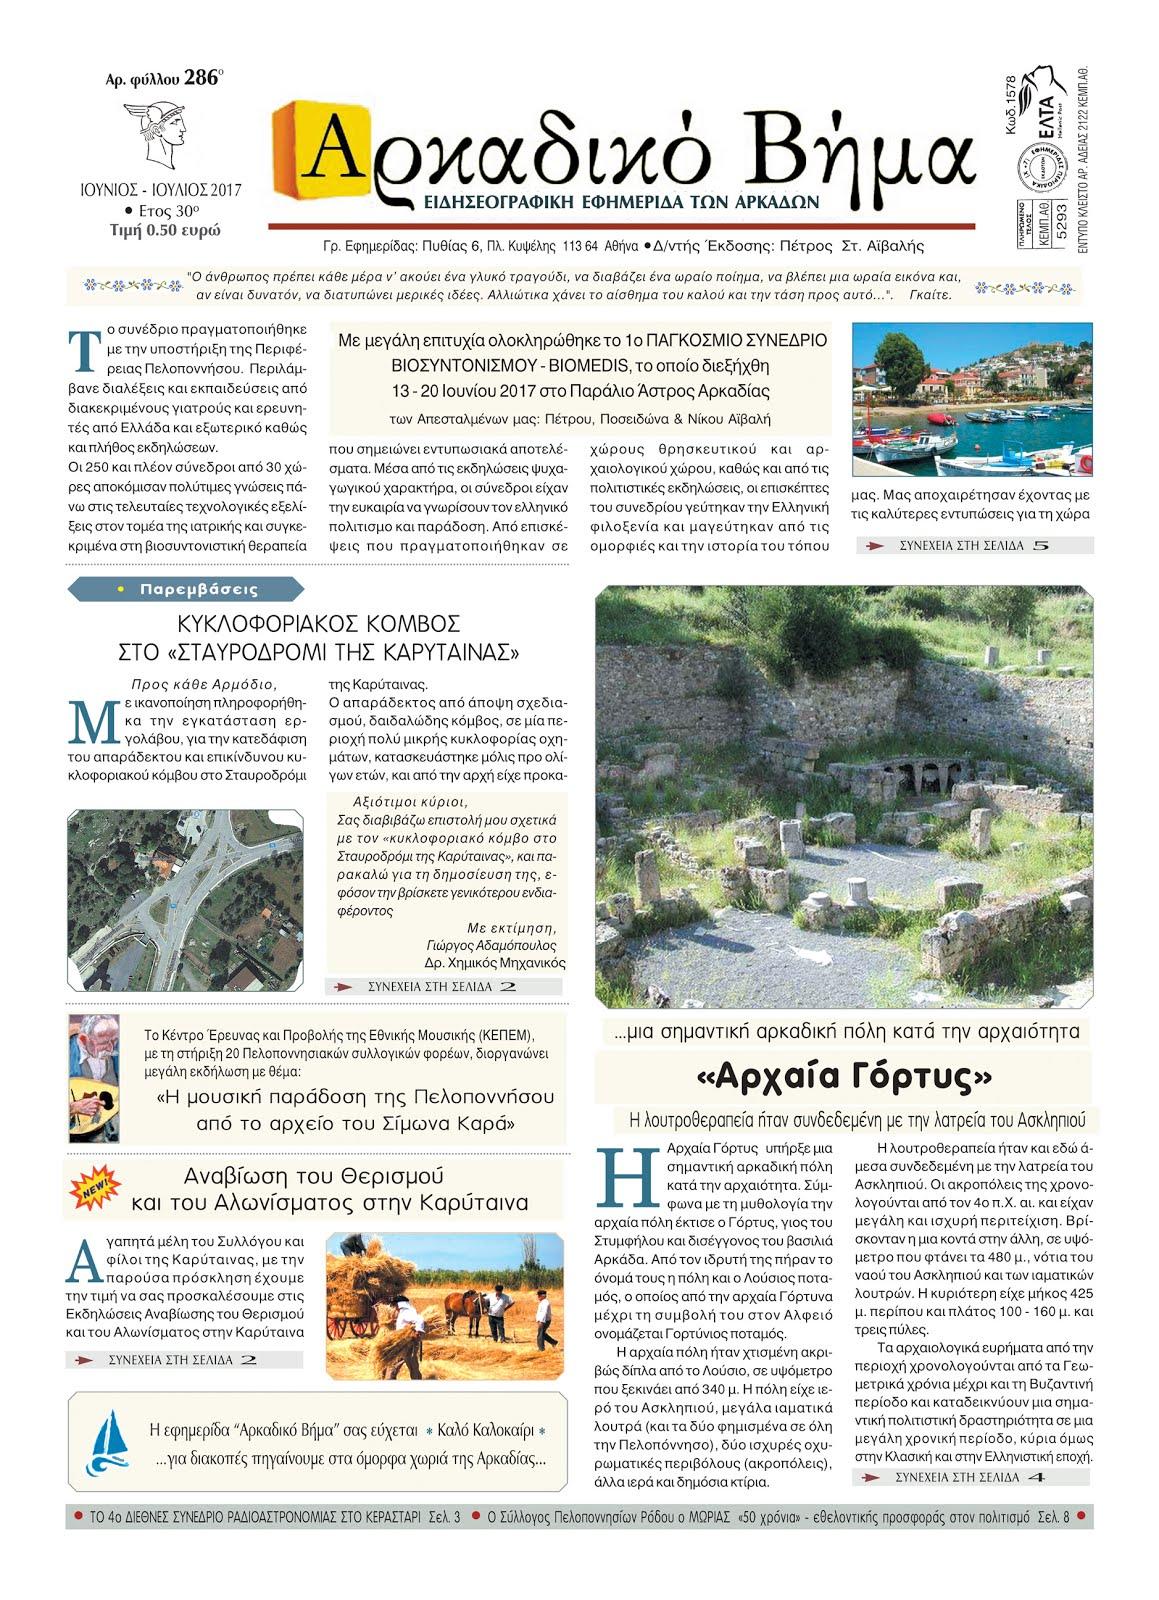 """Κυκλοφόρησε η εφημερίδα """"Αρκαδικό Βήμα"""" με ειδήσεις και θέματα από τις παροικίες των Αρκάδων"""